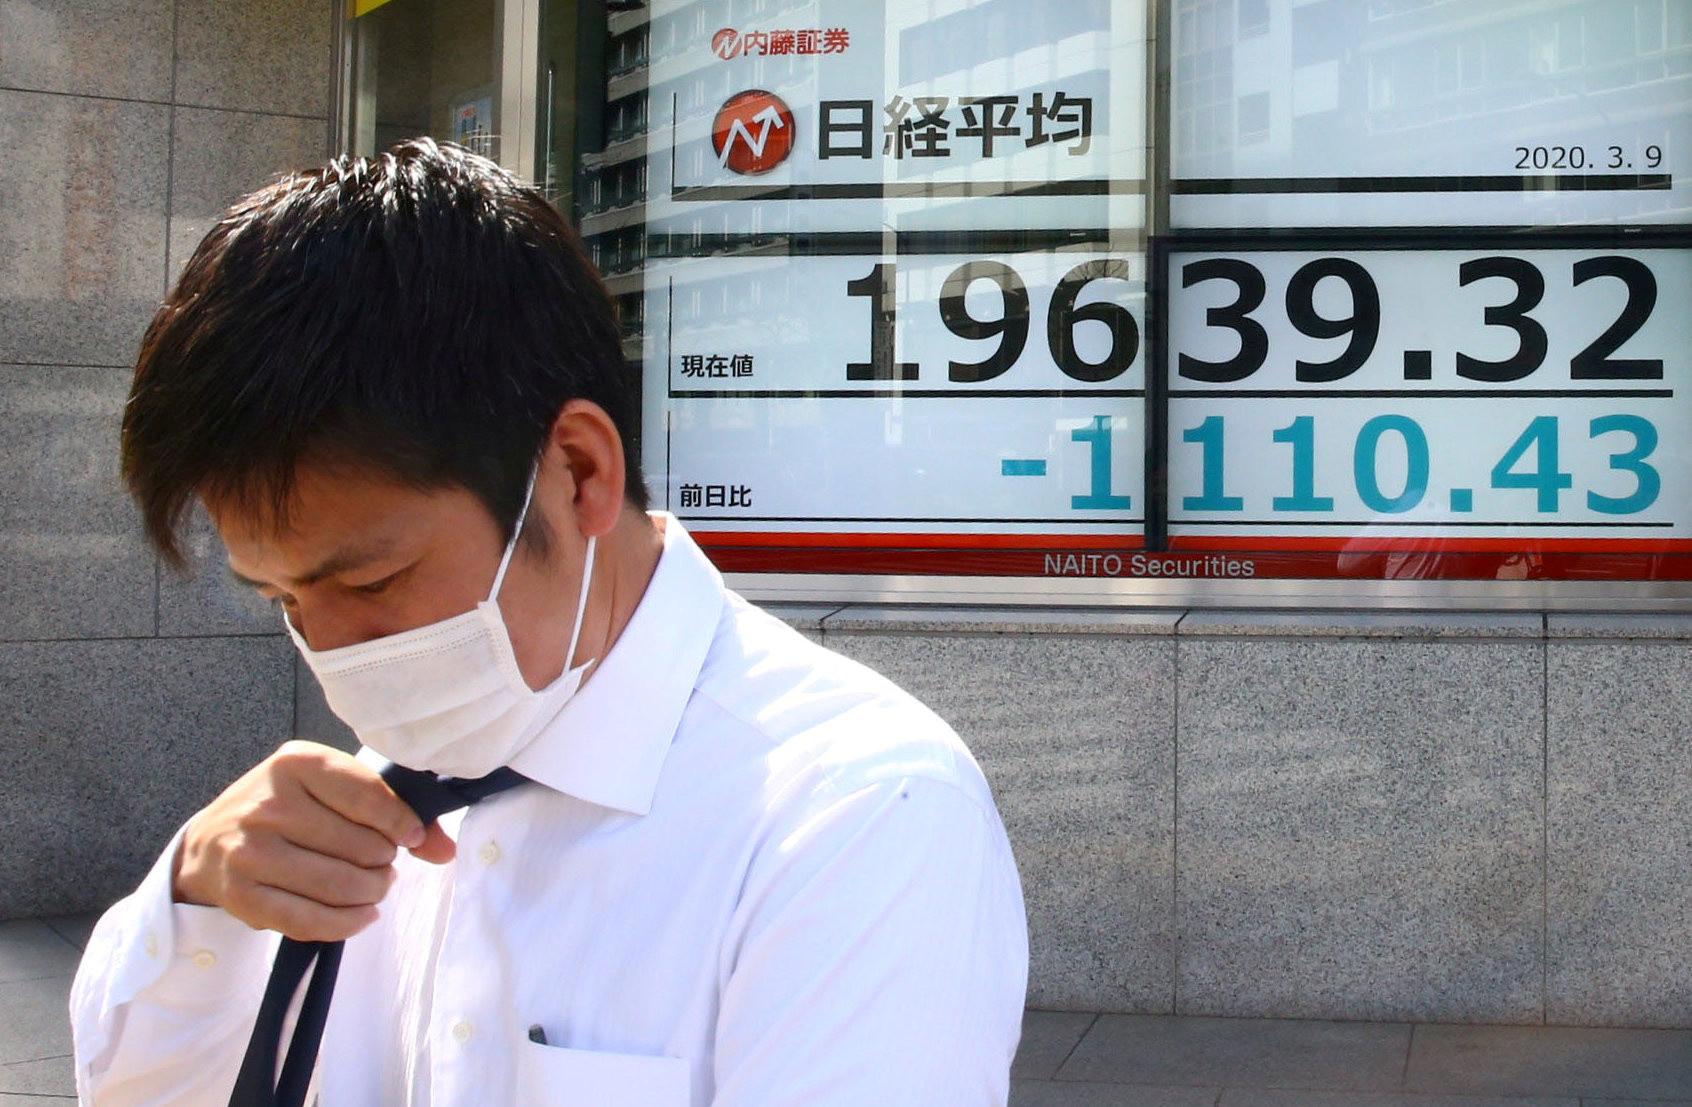 澀澤榮一,日本,經濟,新冠肺炎,吉澤亮,股市,安倍晉三,美股,日經